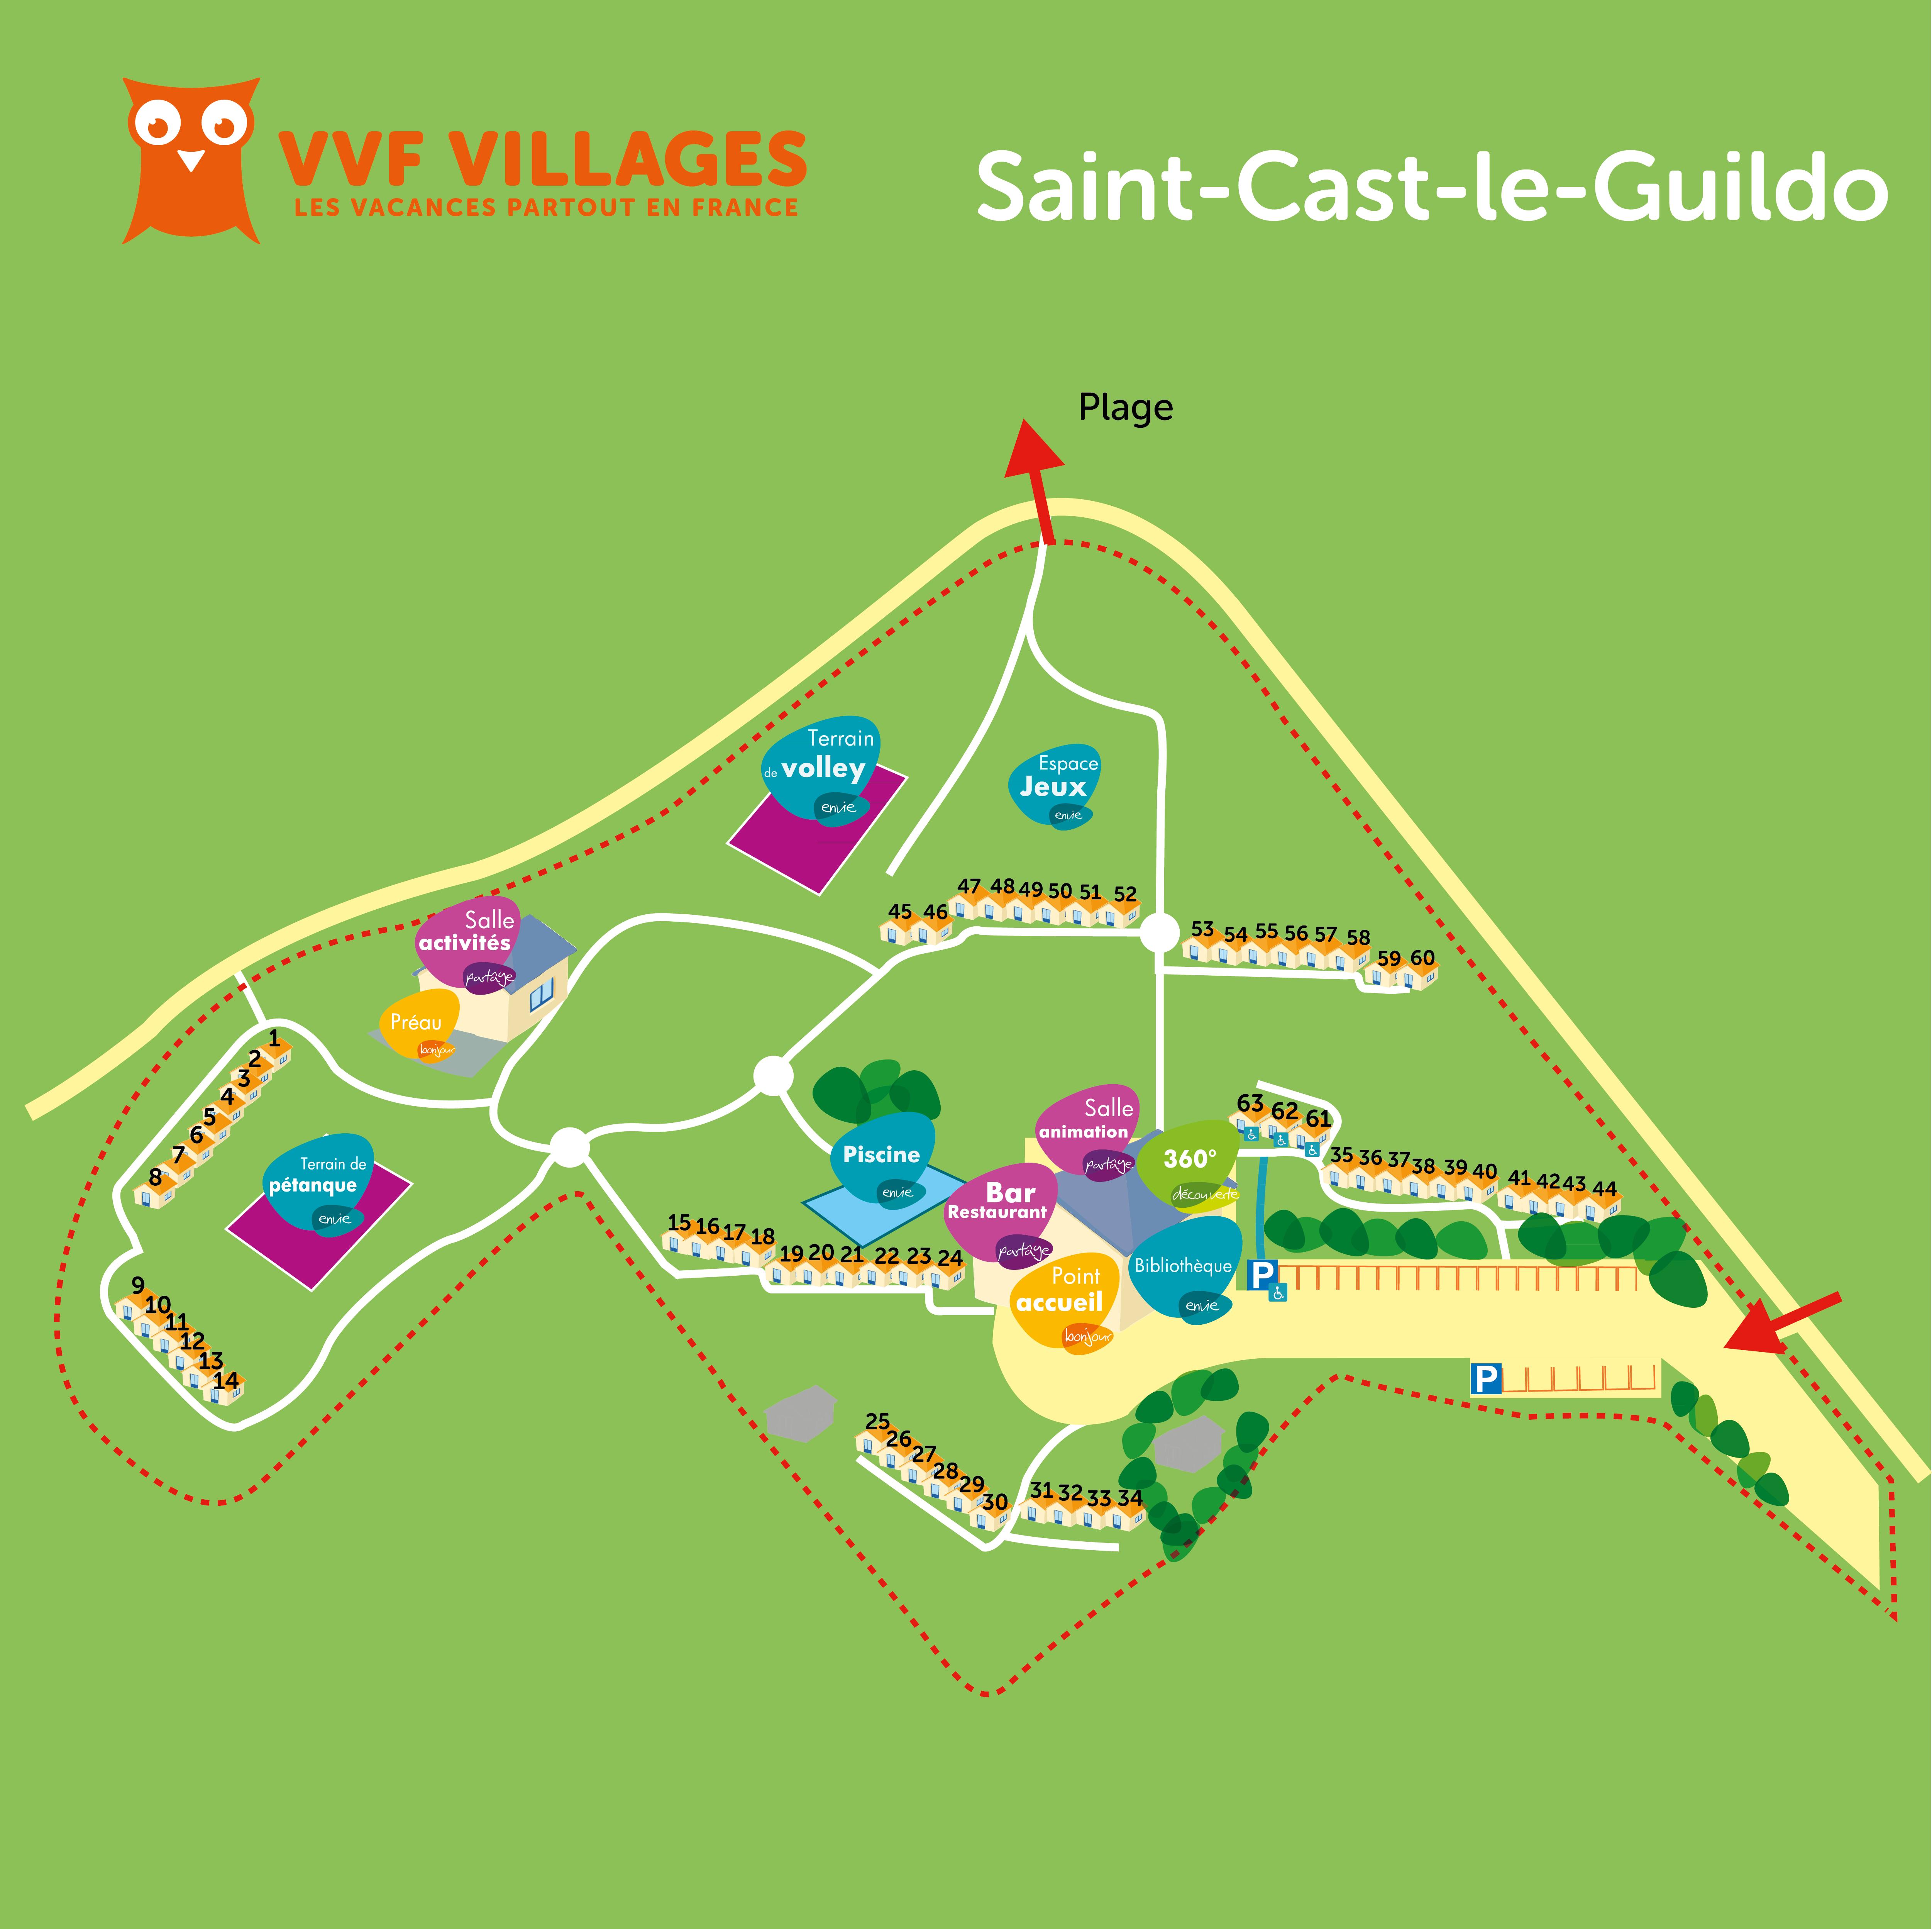 Plan du village de Saint-Cast-le-Guildo